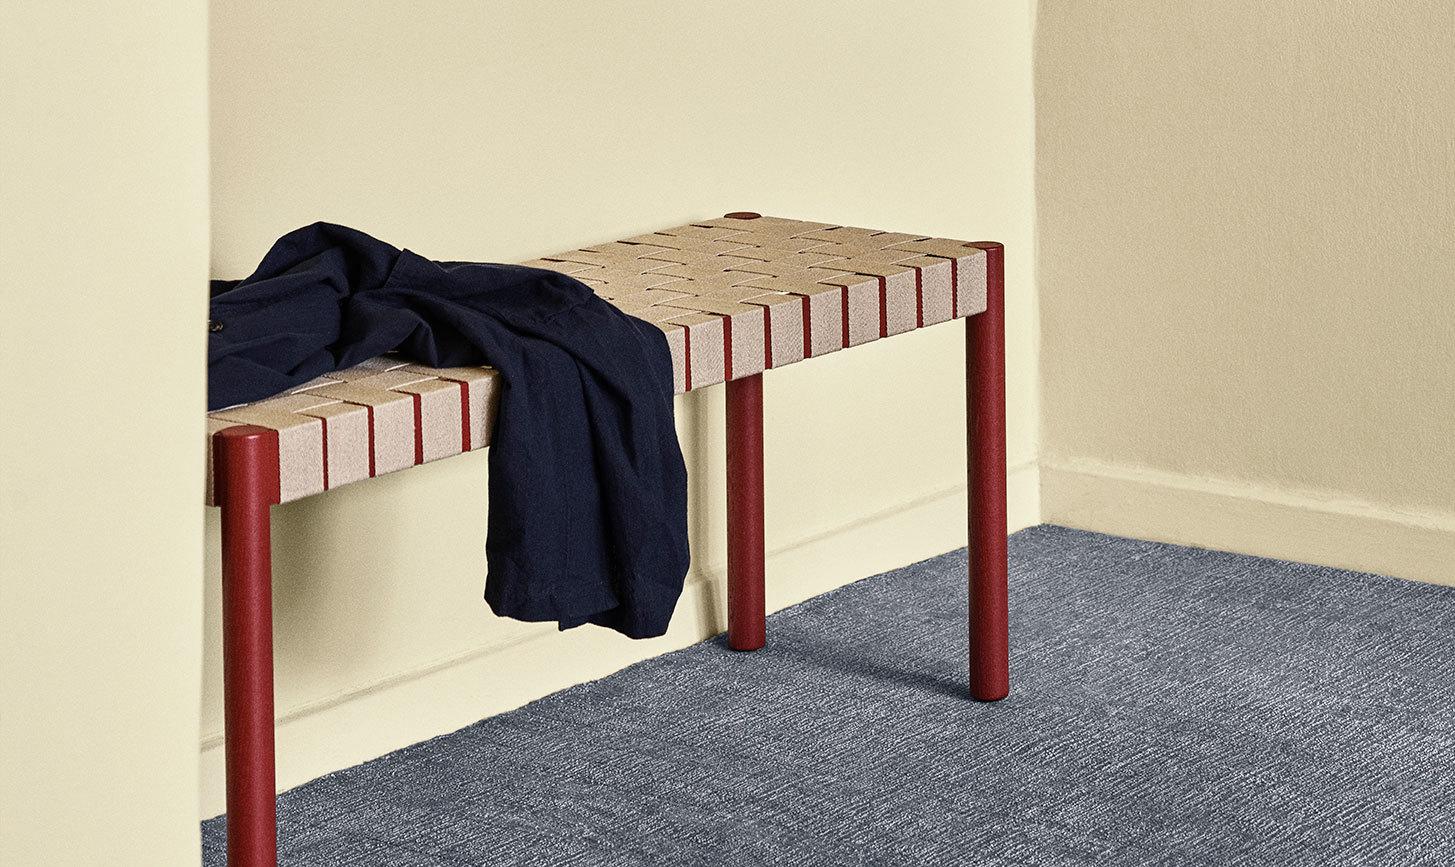 Für den dänischen Hersteller &Tradition haben die beiden Designer Jakob Thau und Sami Kallio die Sitzbank Betty entworfen.